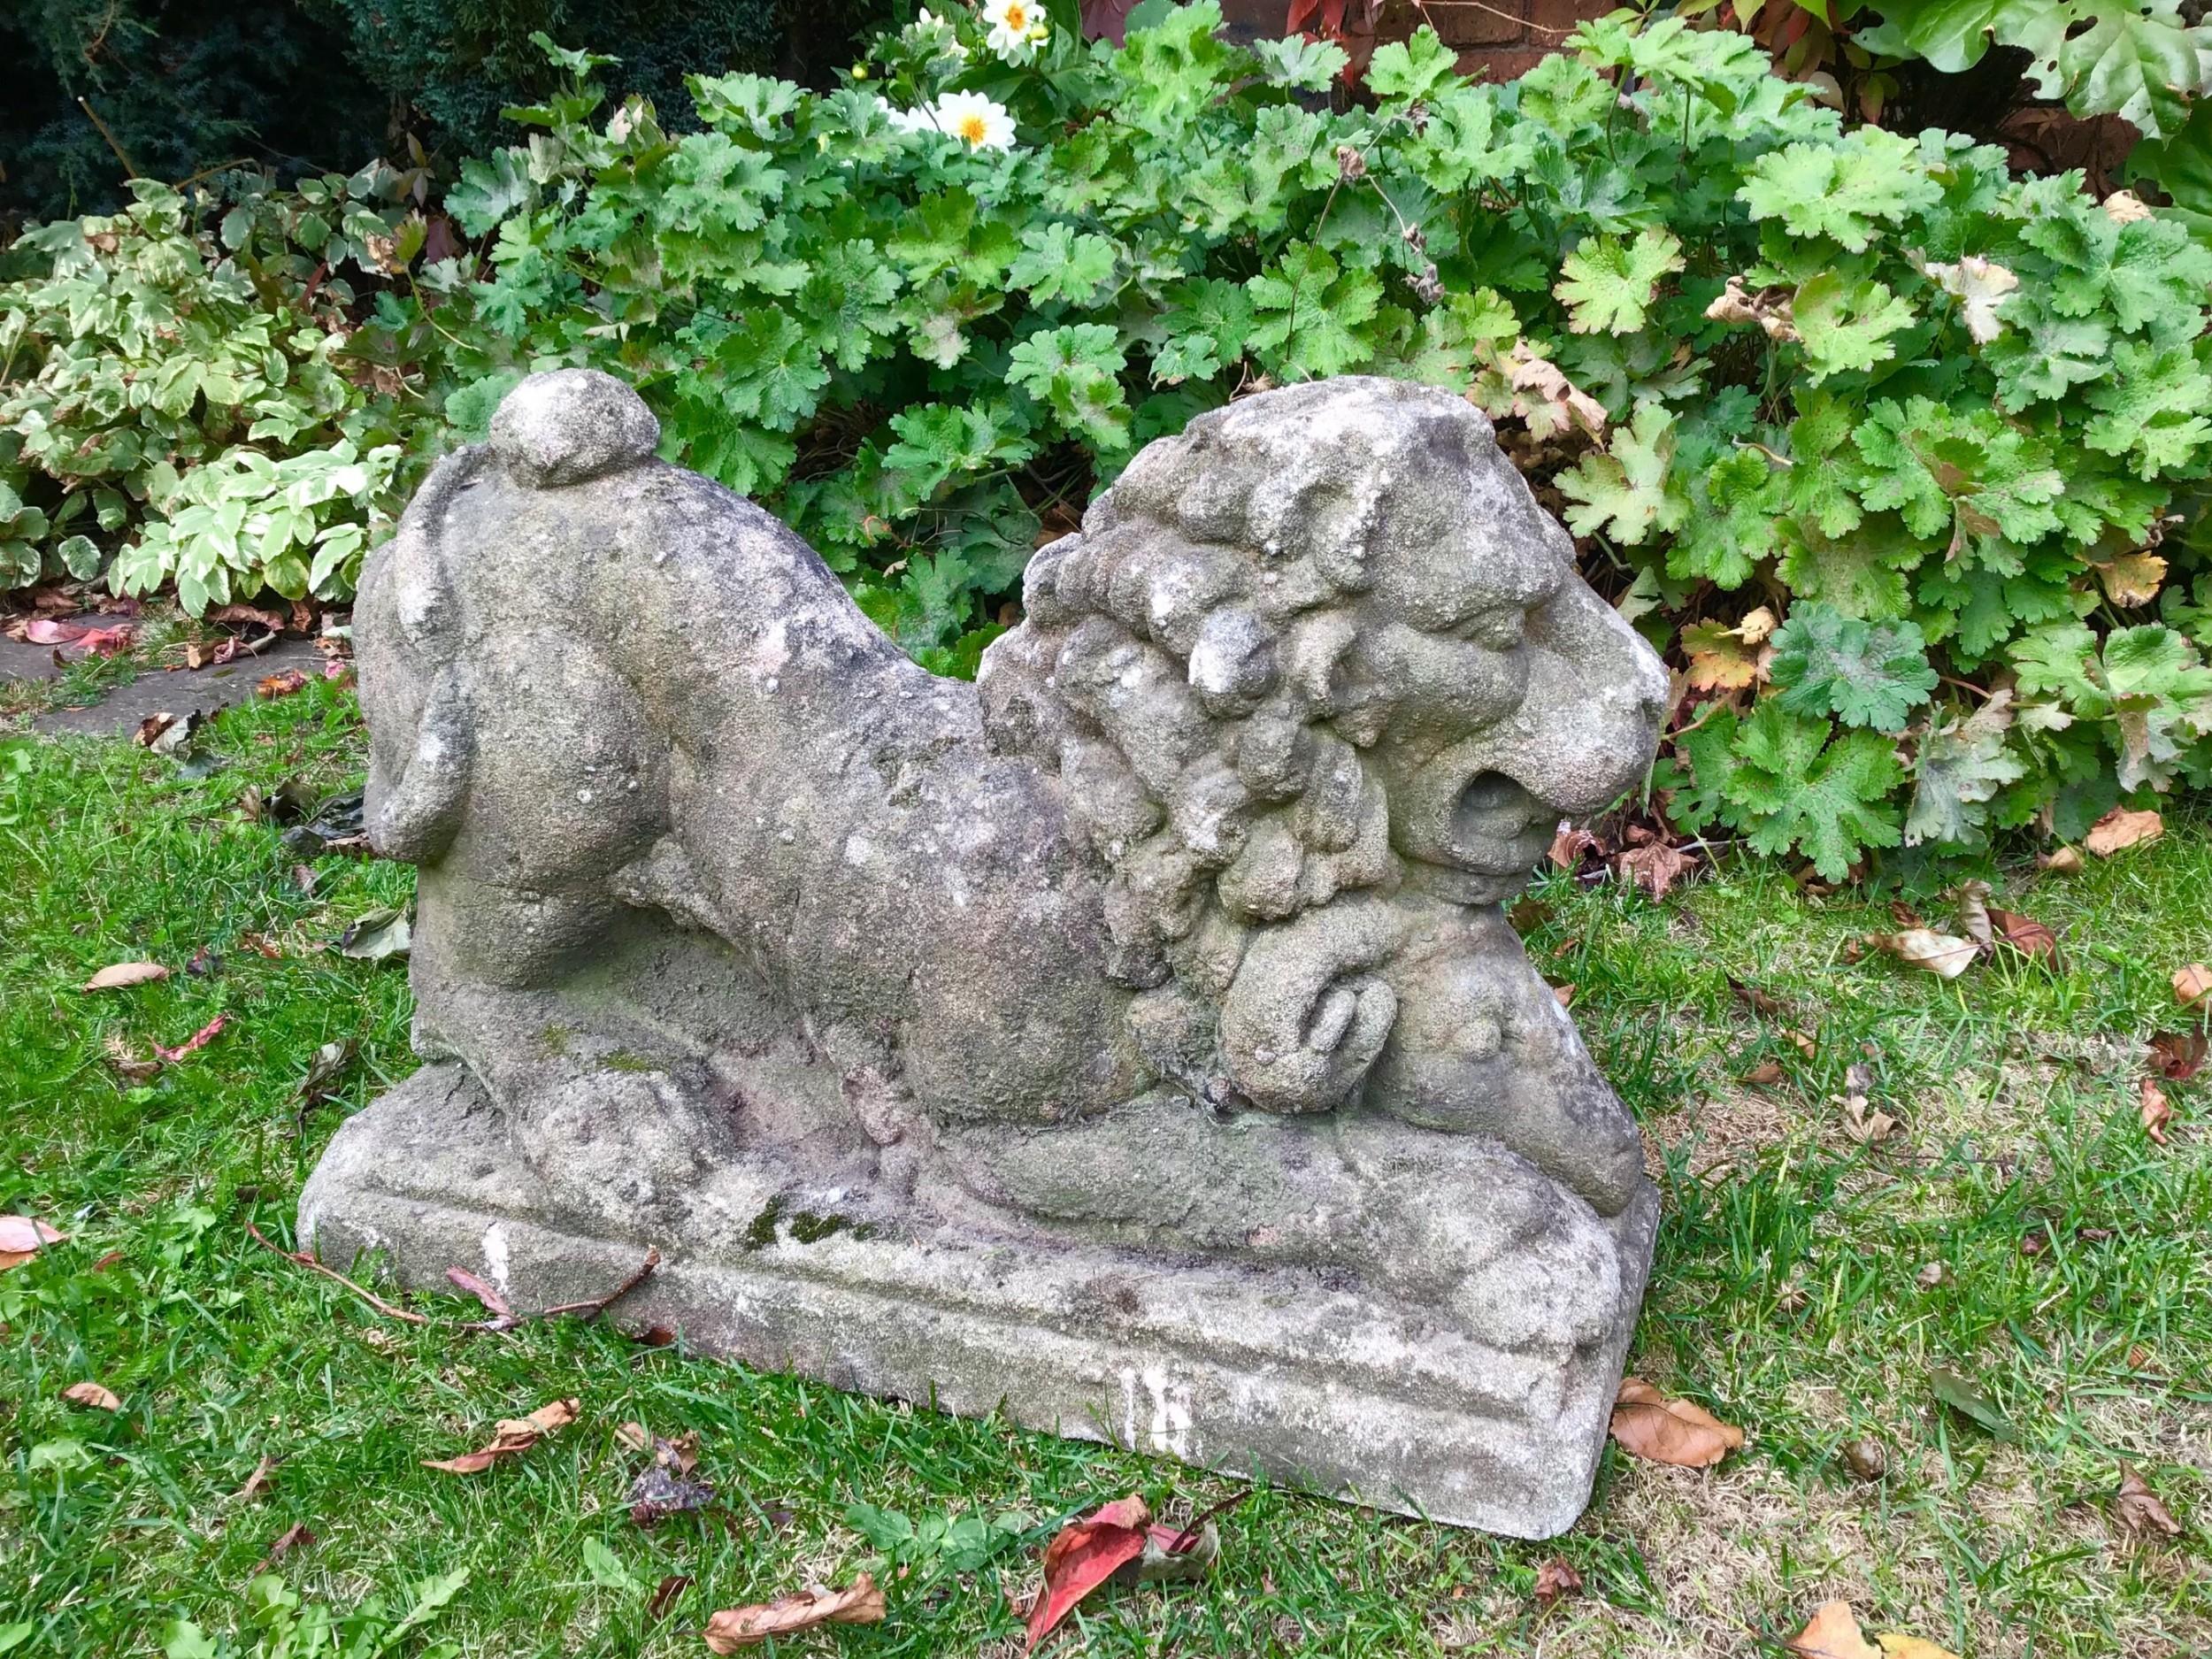 Old Garden Statue: Antique Stone Garden Lion Statue